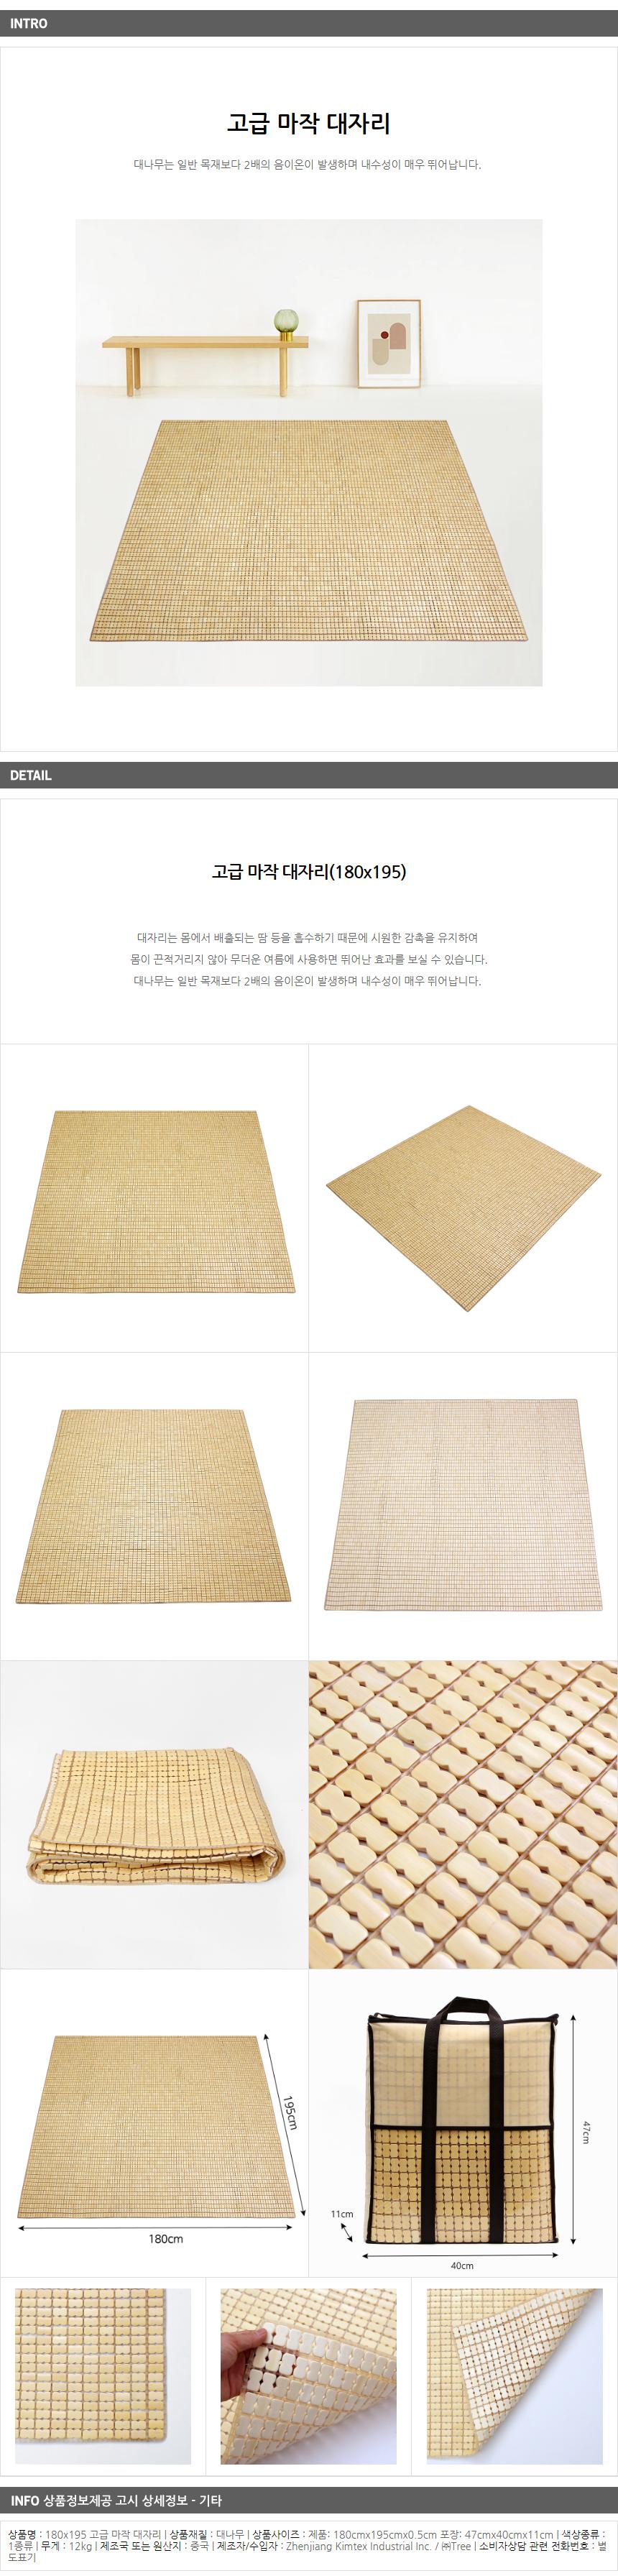 고급 대형 대나무돗자리 마작돗자리 여름돗자리 대자리 - 기프트갓, 89,000원, 여름용매트, 대자리/여름자리